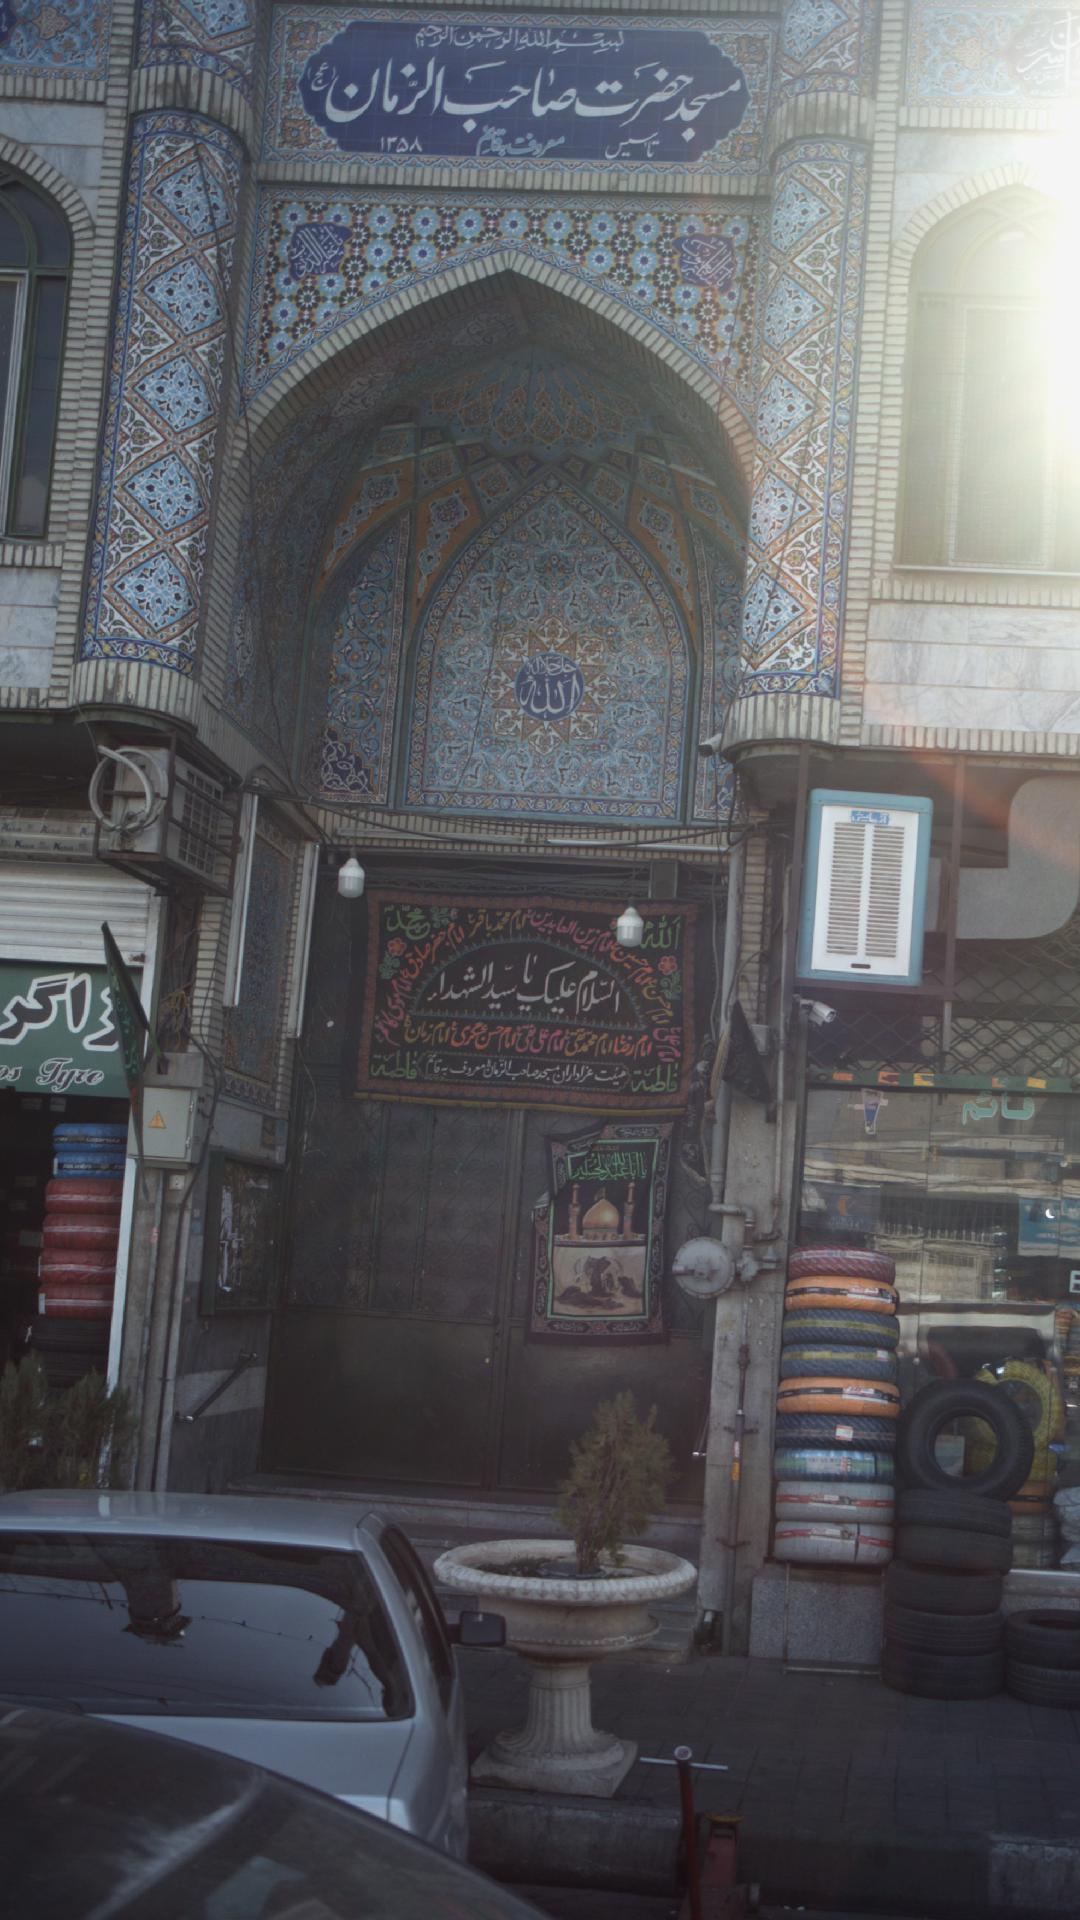 مسجد حضرت صاحب الزمان